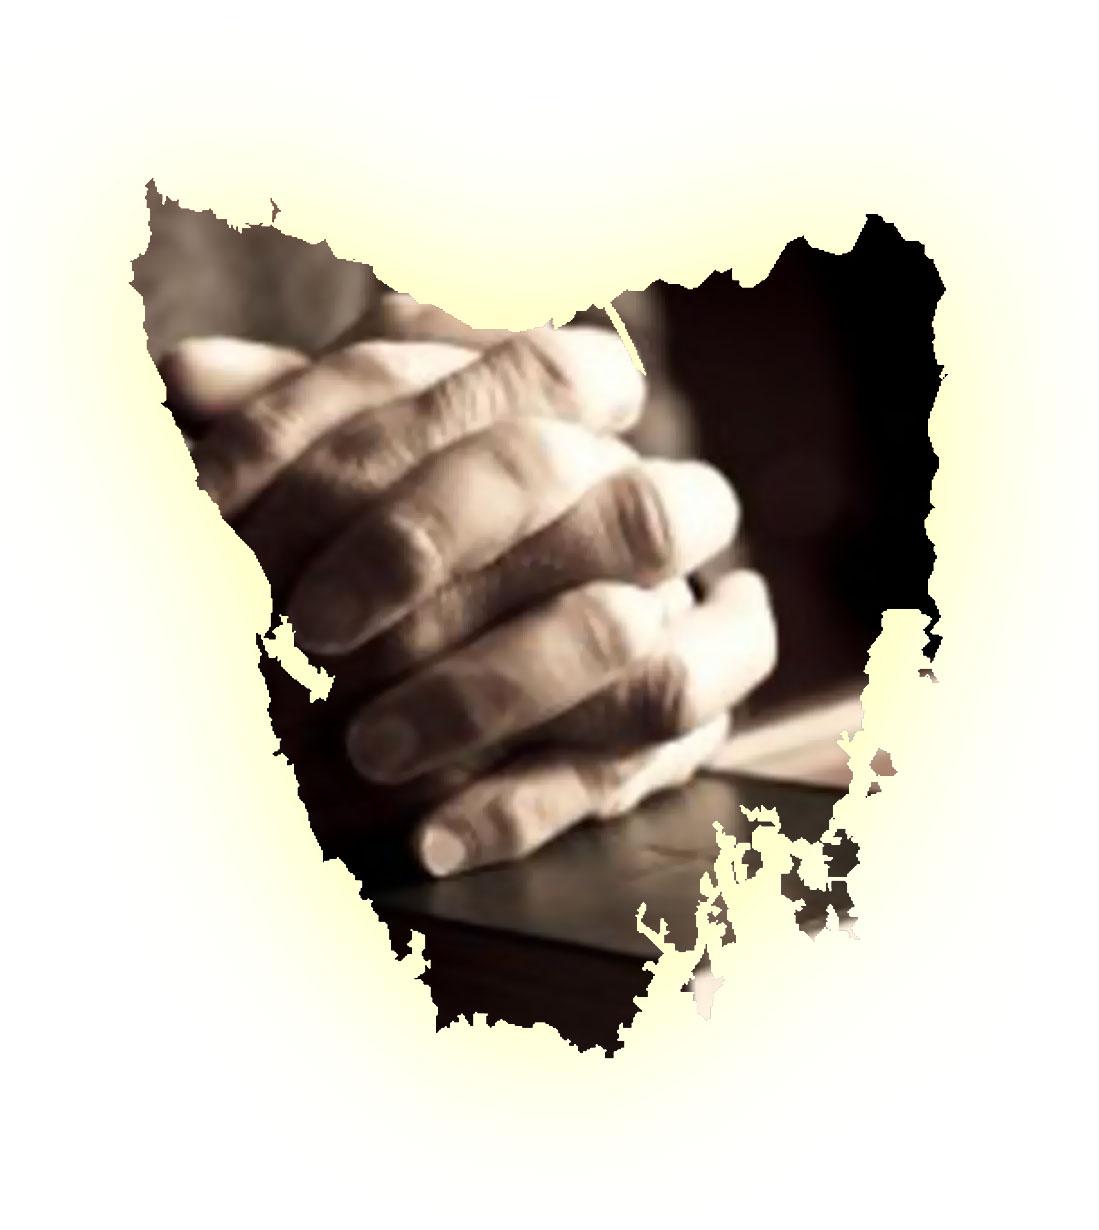 exemption tasmania